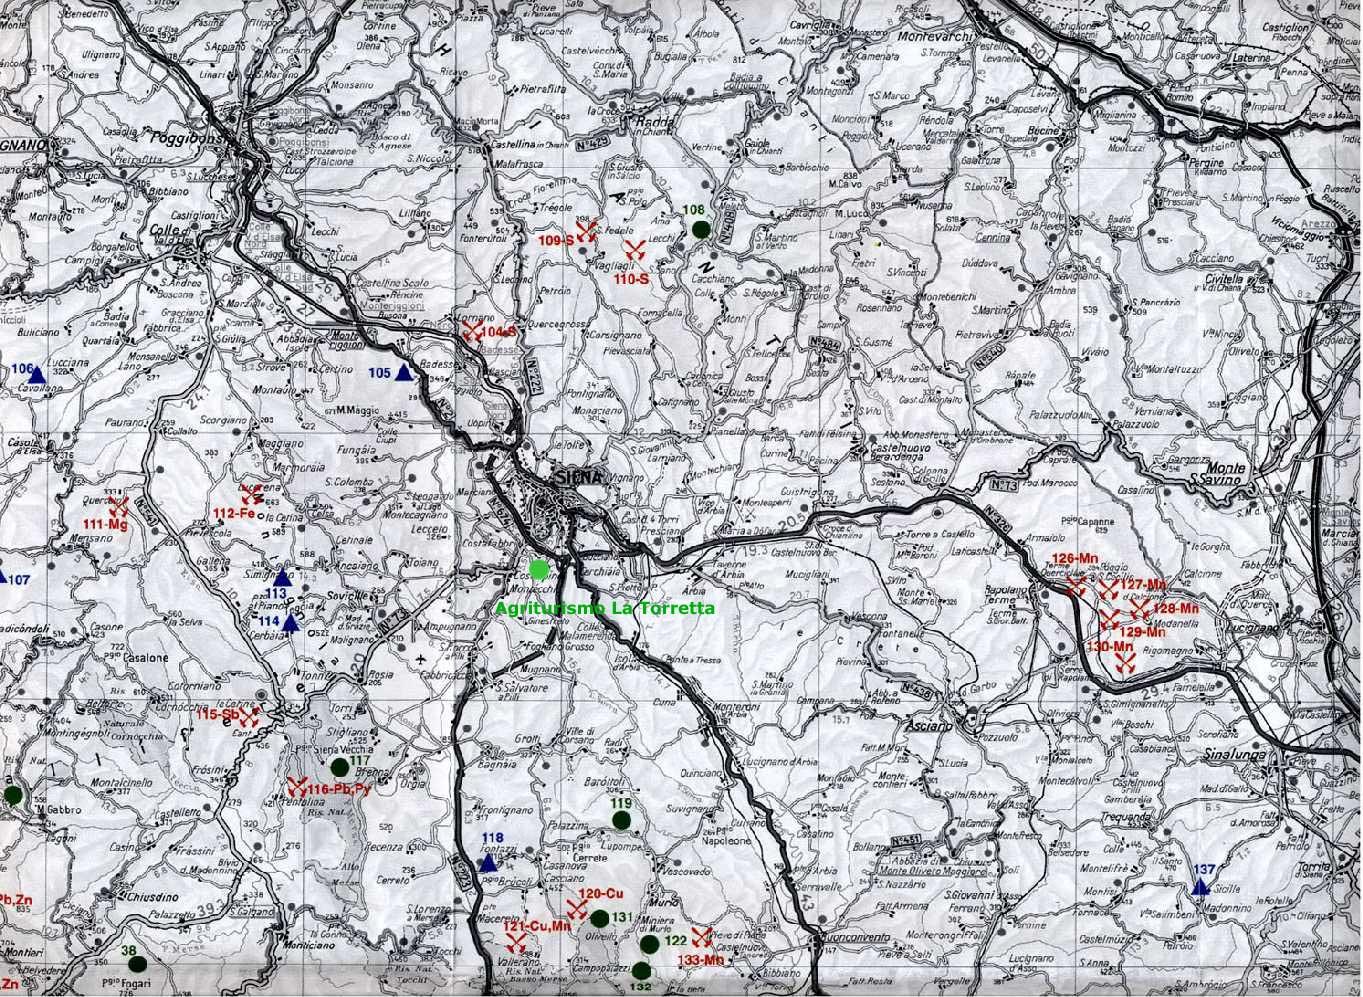 Cartina Toscana Provincia Di Siena.Miniere Minerali E Parchi Minerari In Toscana Siena Agriturismo La Torretta